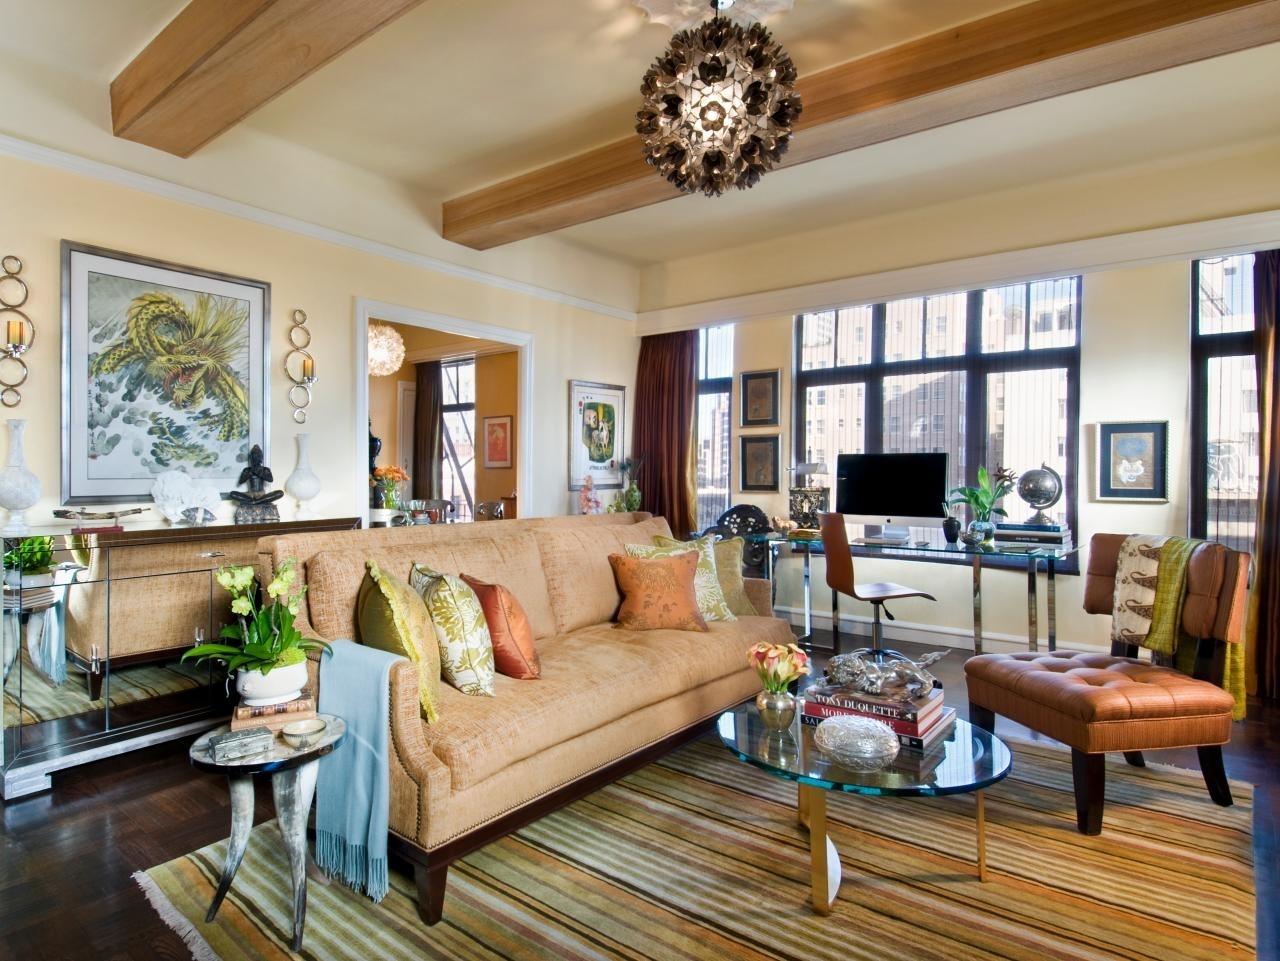 floor planning a small living room | hgtv